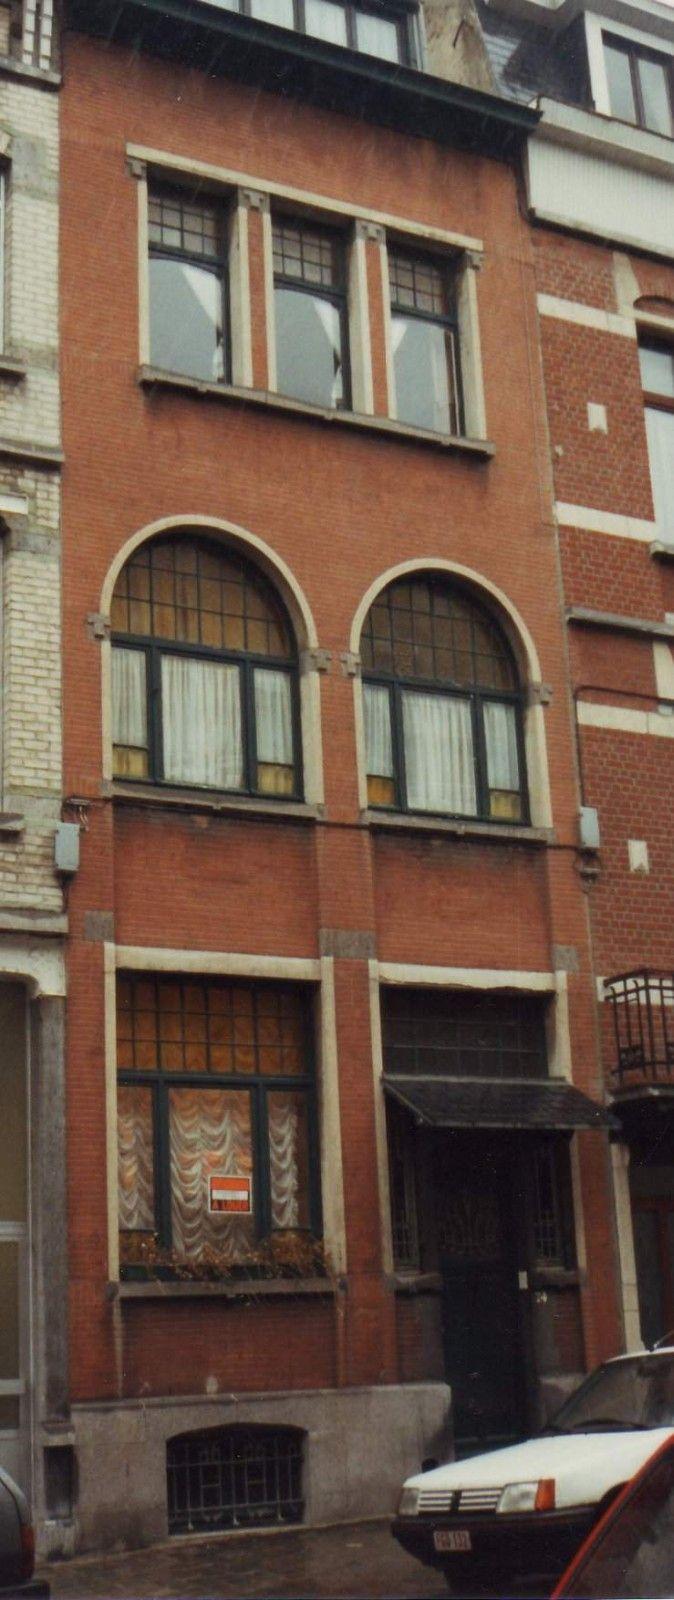 Etterbeek - Rue Général Capiaumont 74 - LOENS Emile